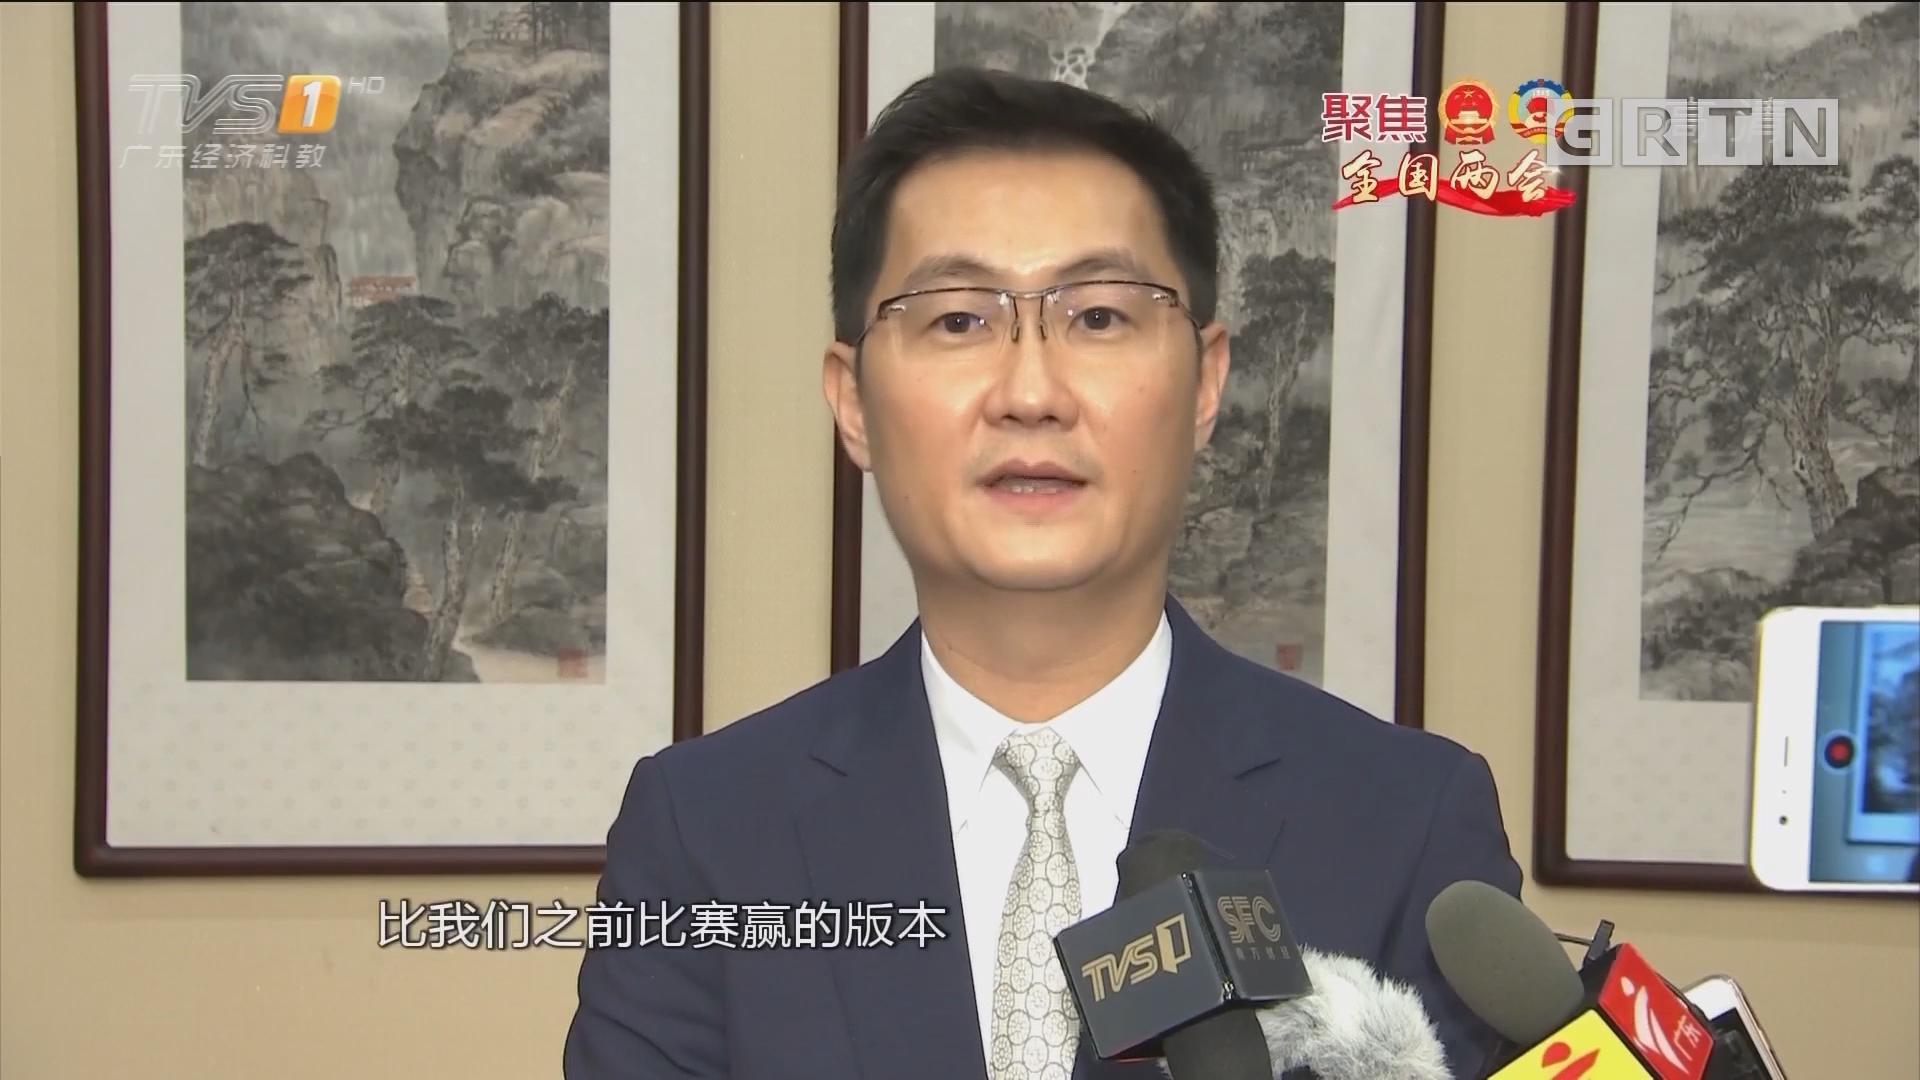 习近平总书记在参加广东代表团审议时的重要讲话引起热烈反响